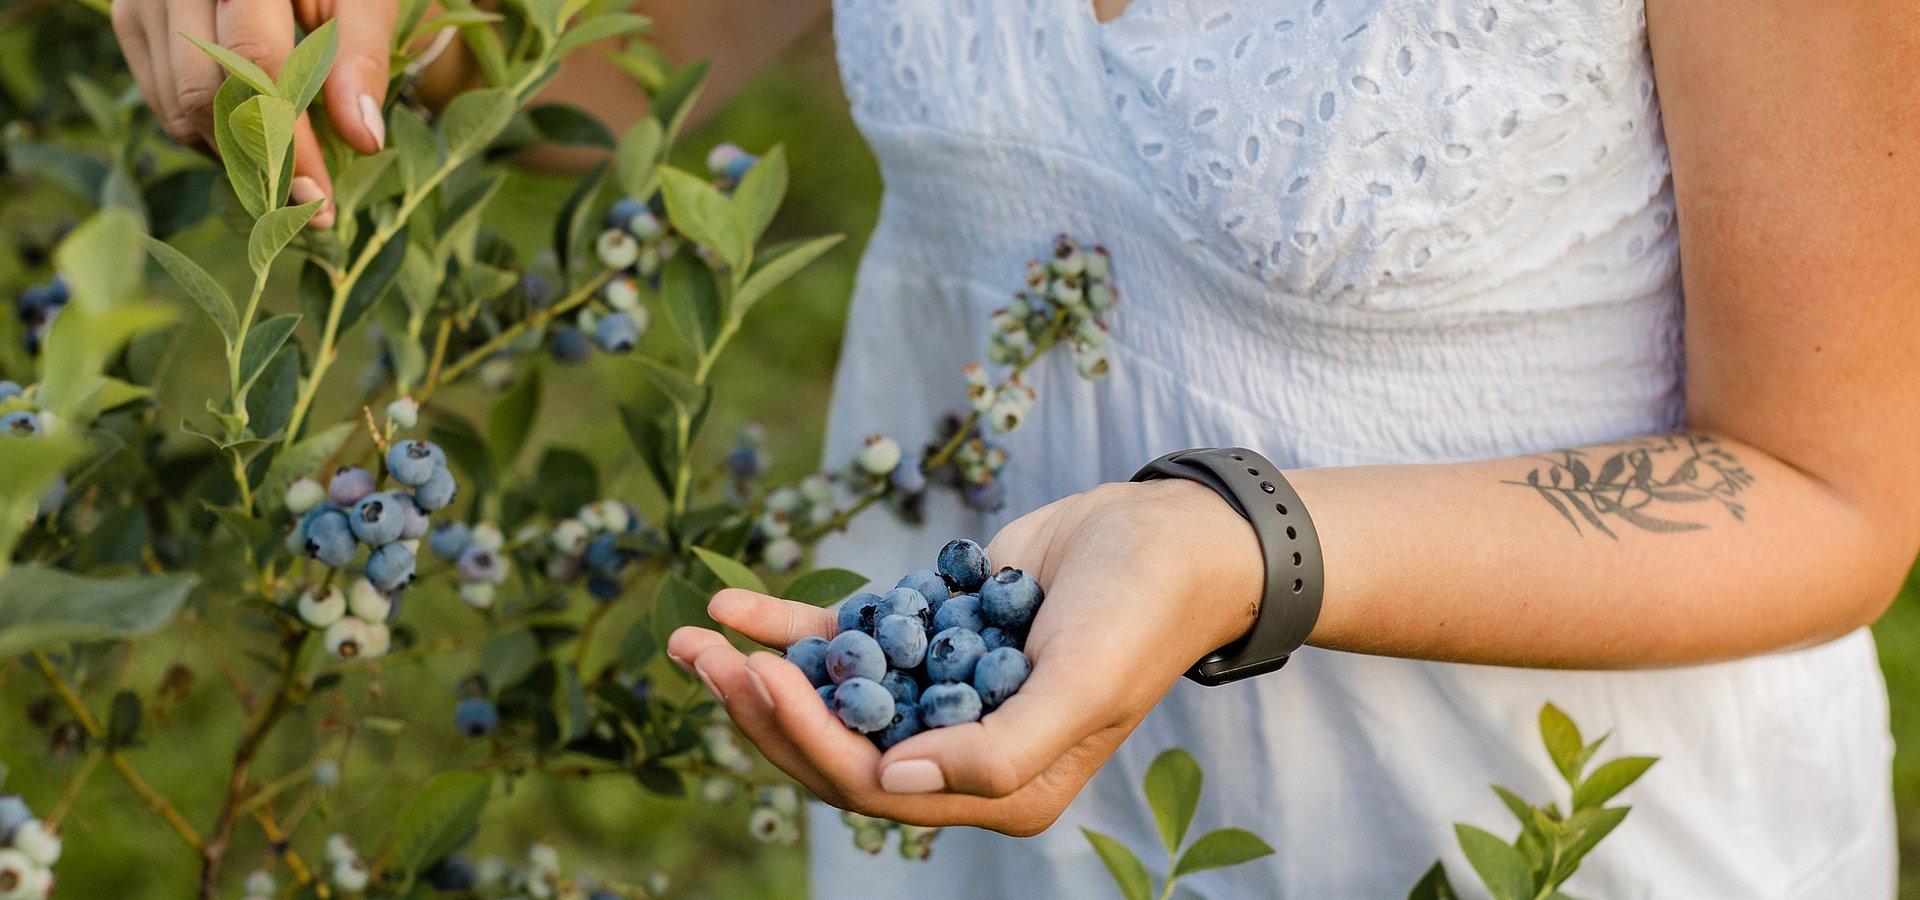 Dlaczego borówki są ulubionym owocem dietetyków